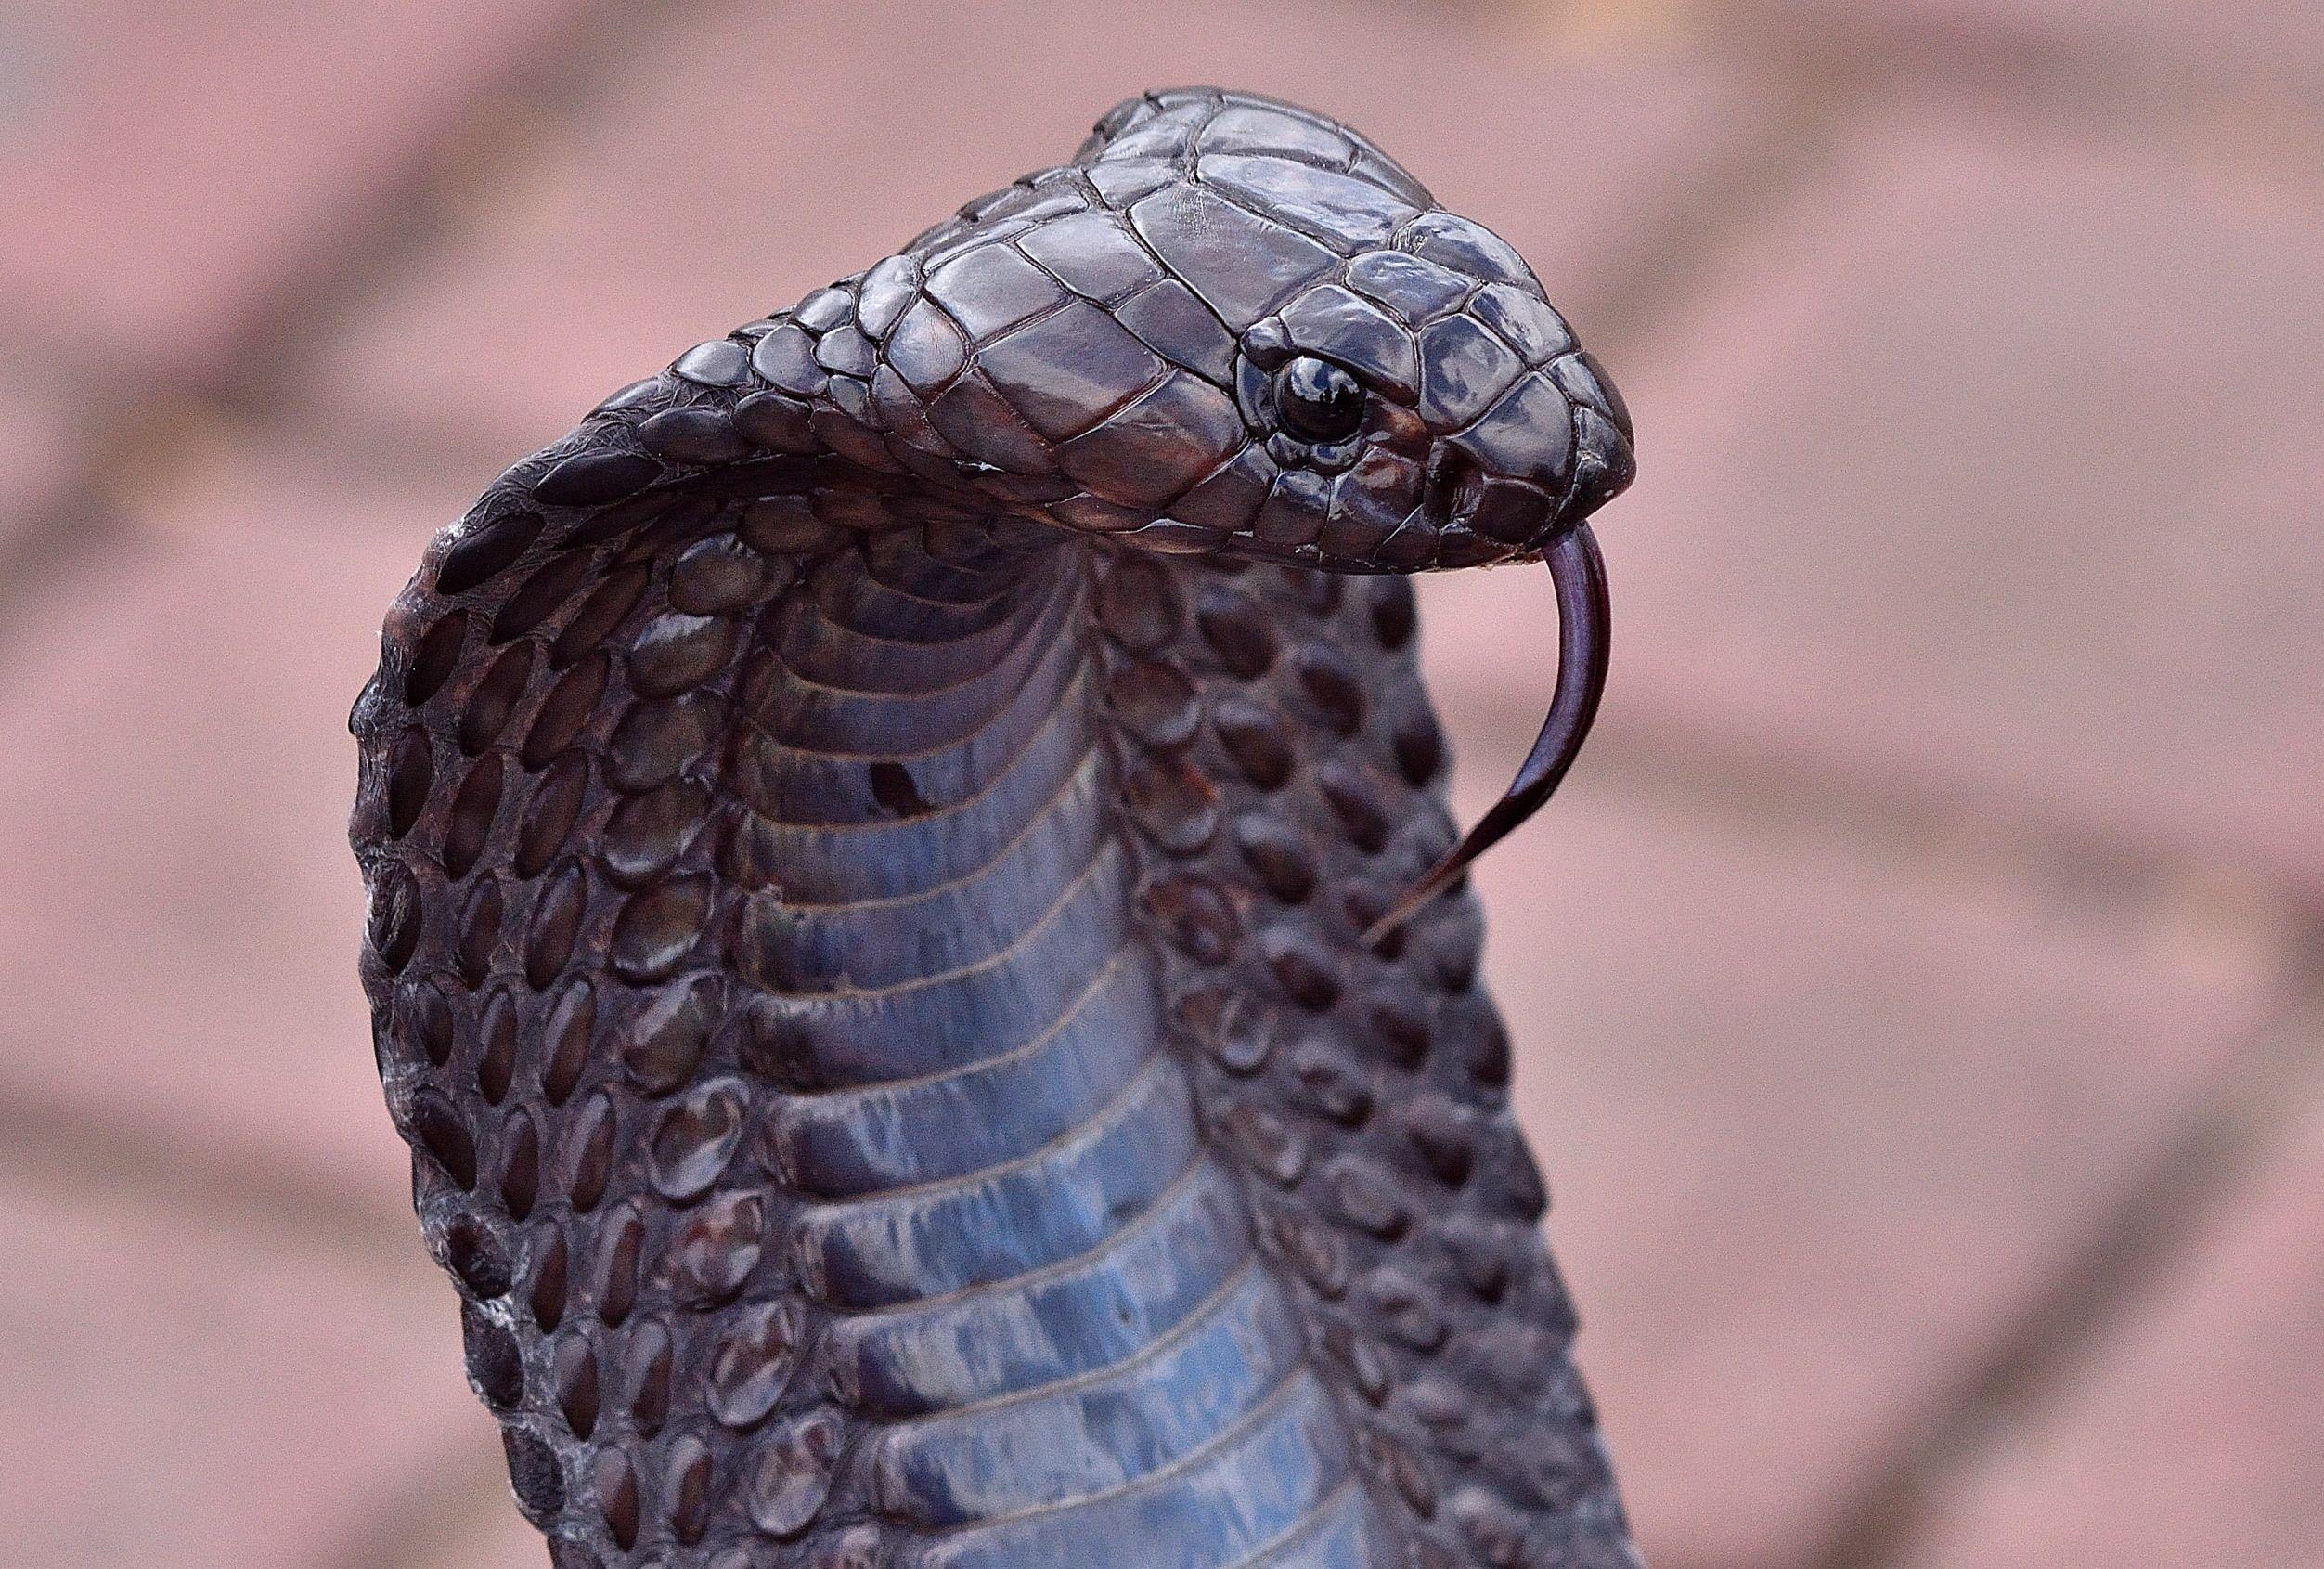 Pin by Robert Rising on SNAKE! Snake, Animals